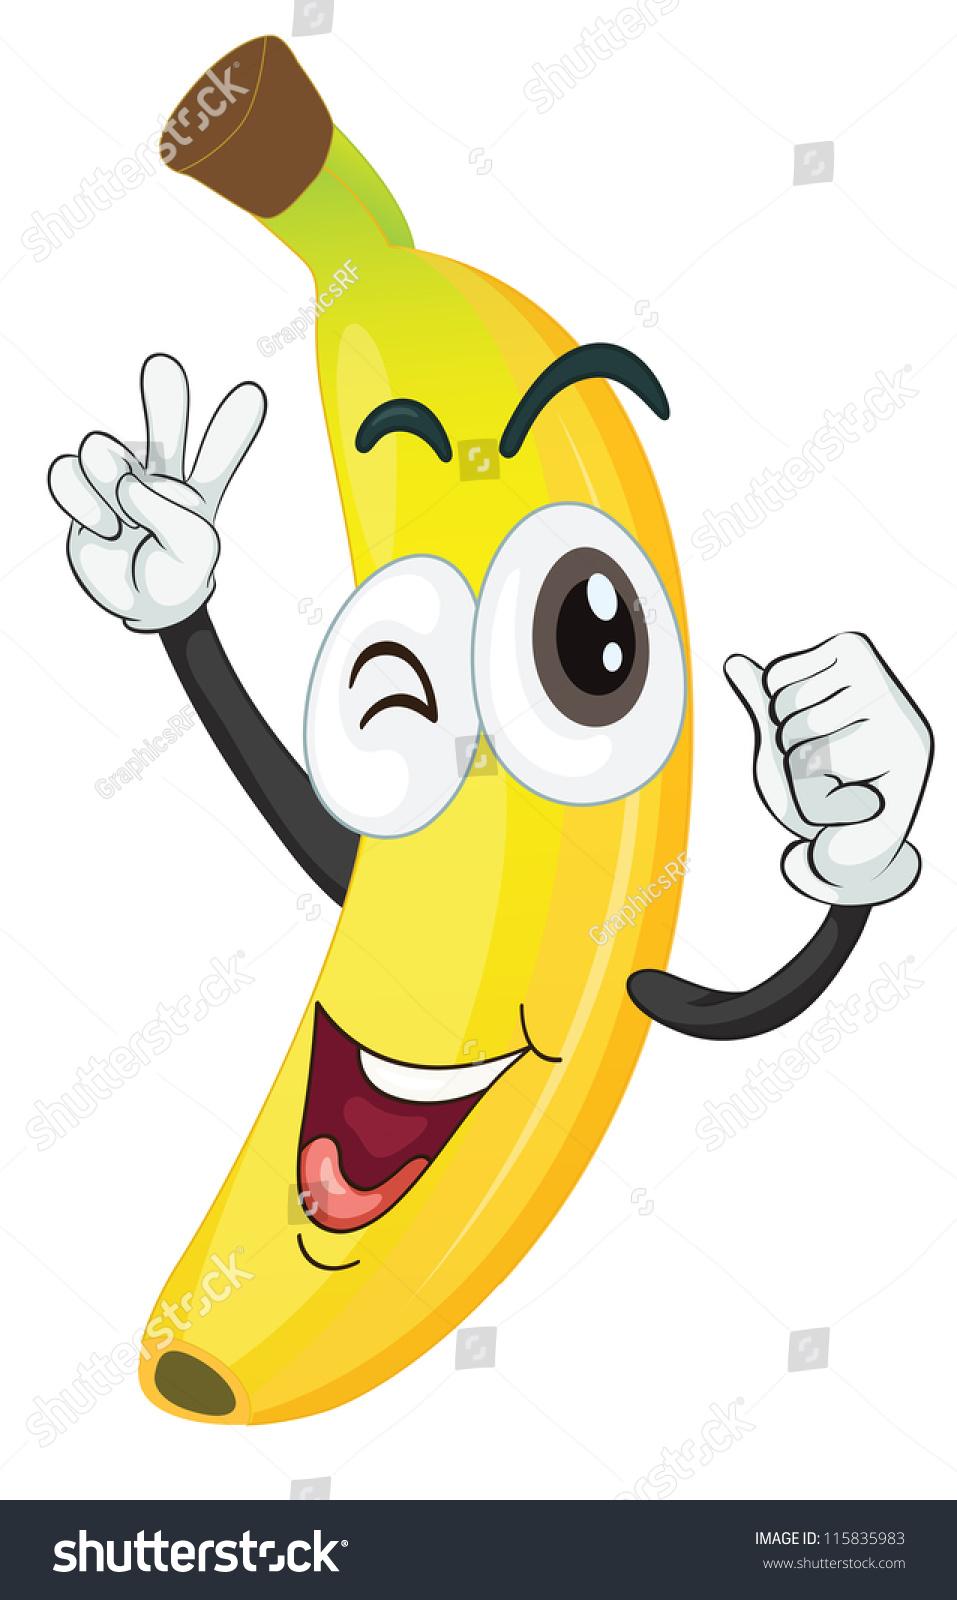 可爱卡通香蕉壁纸